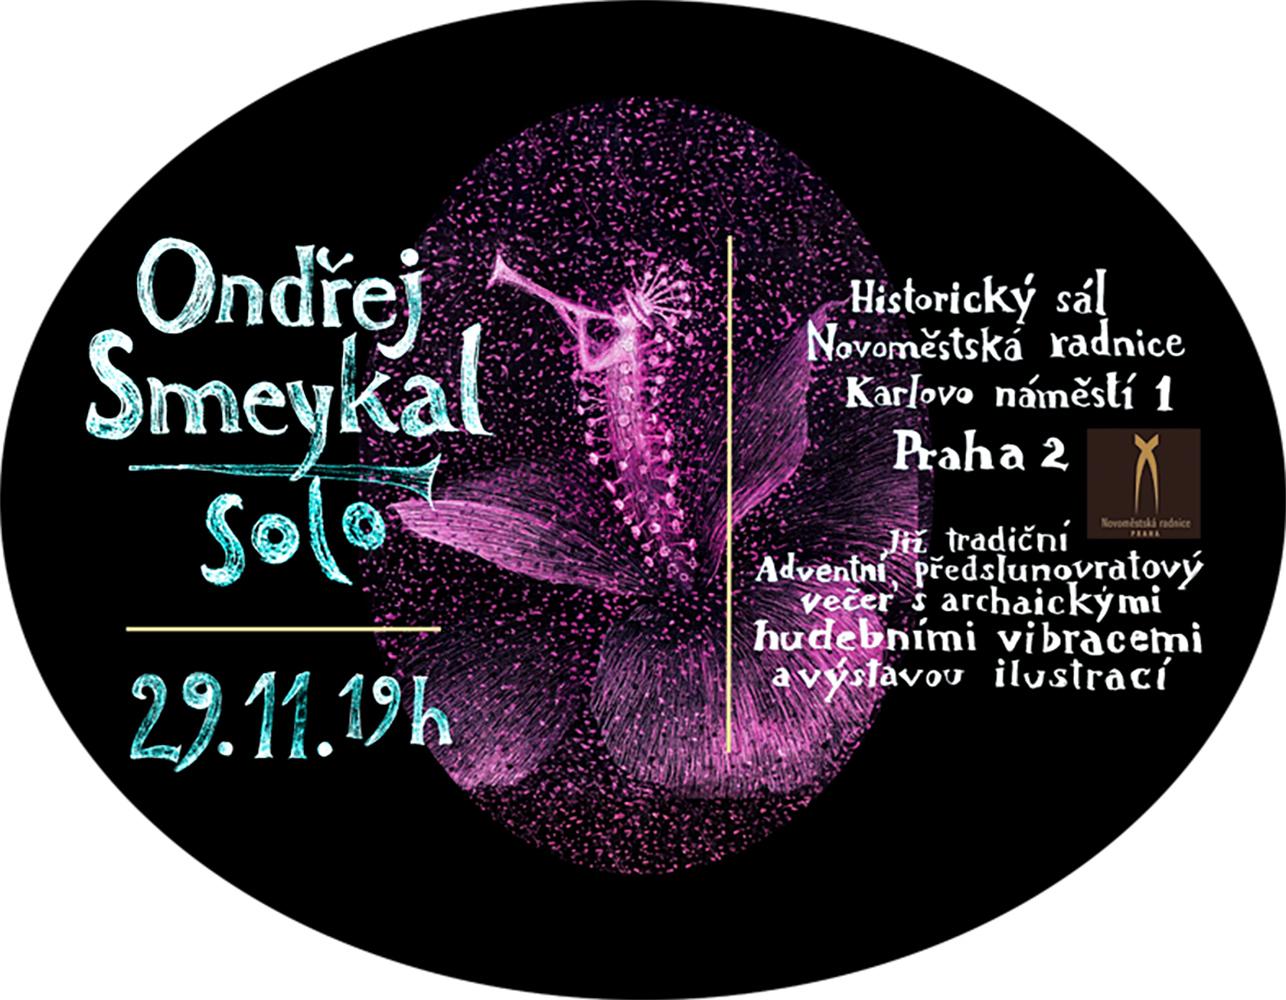 PŘEDPRODEJ VSTUPENEK PRÁVĚ ZAČAL: Adventní předslunovratový večer -  Ondřej Smeykal (Didgeridoo a gongy)